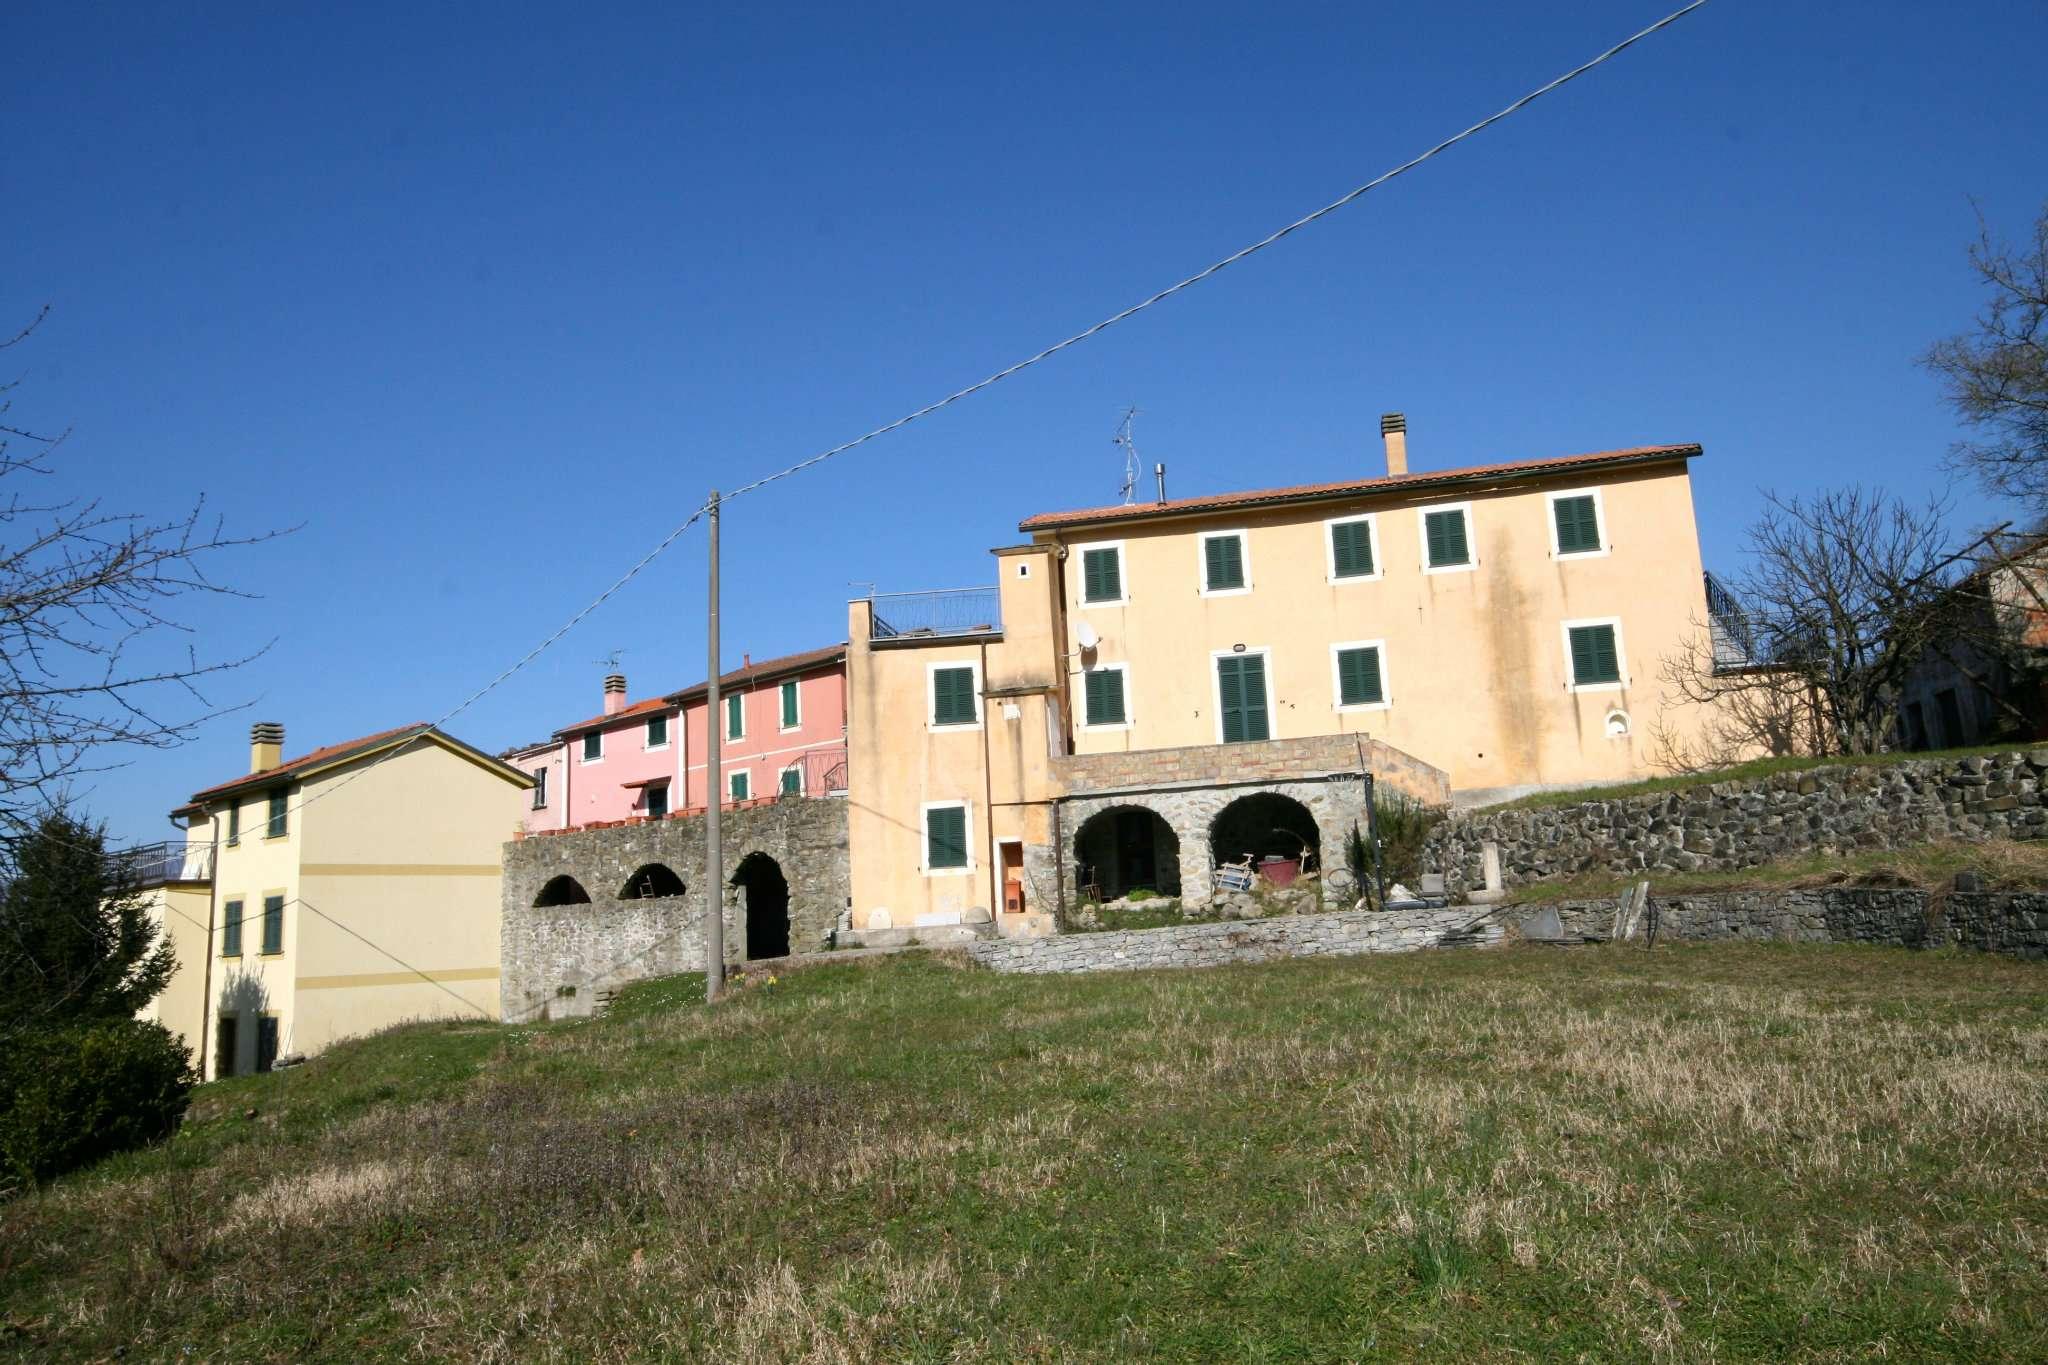 Rustico / Casale in Vendita a Varese Ligure